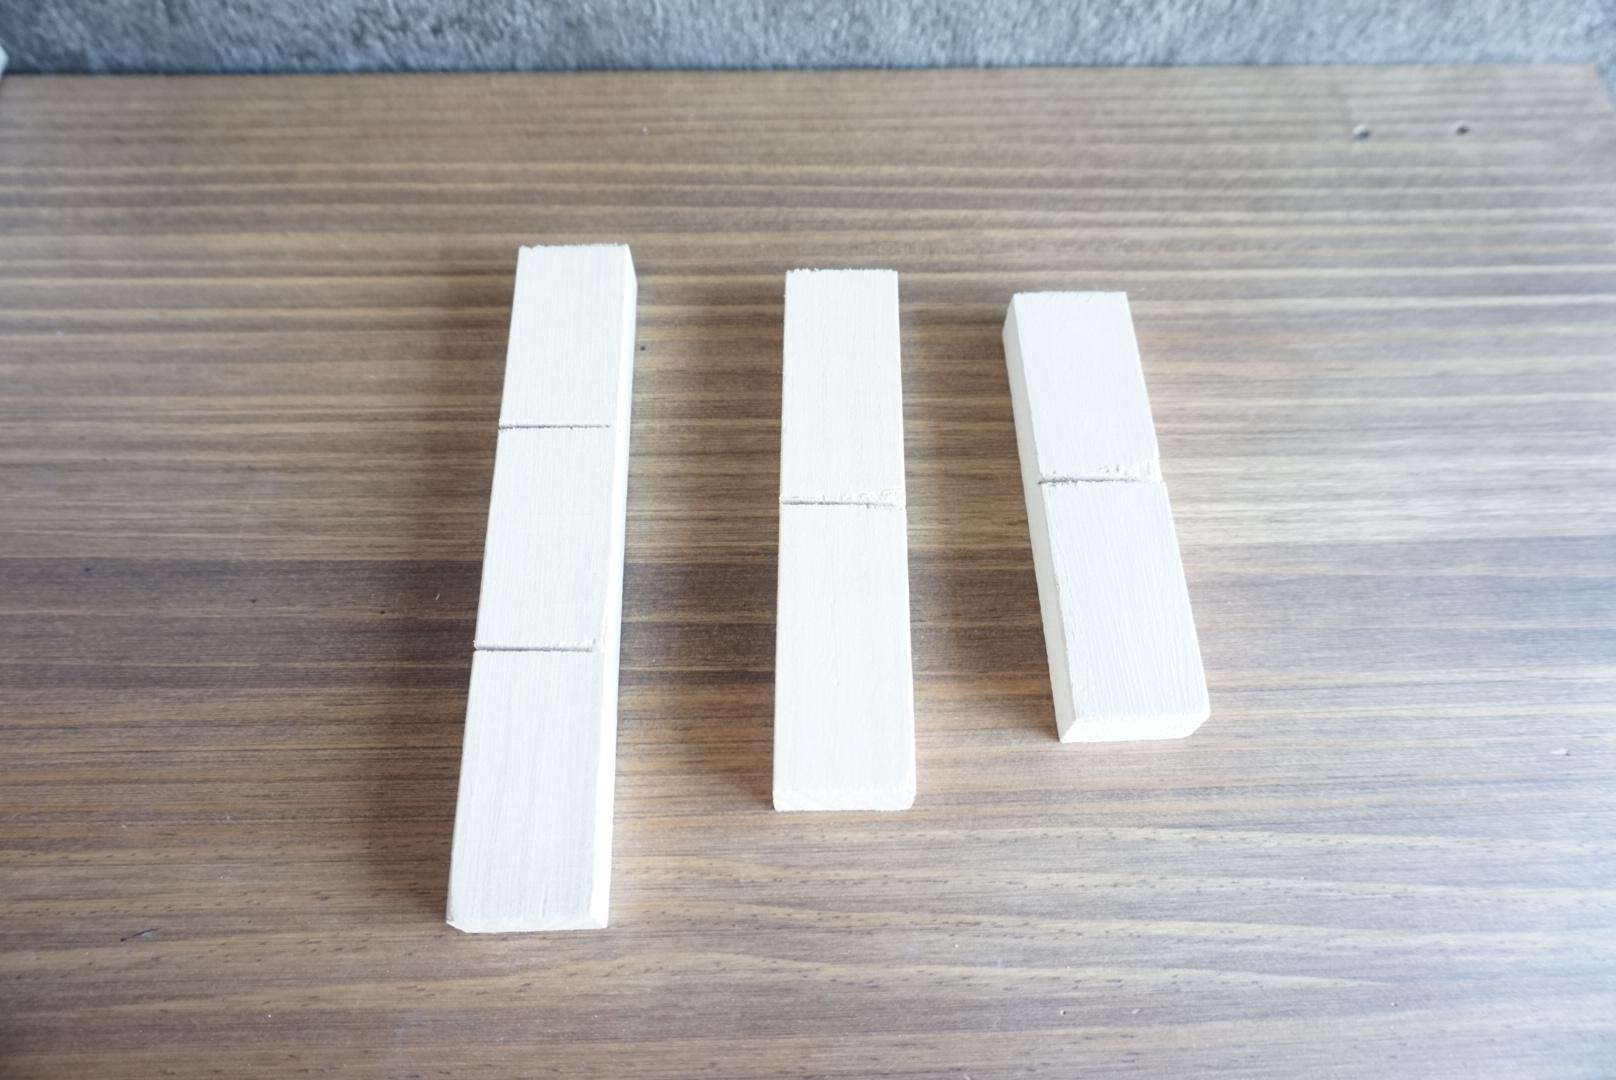 レンガ風壁面の木箱3